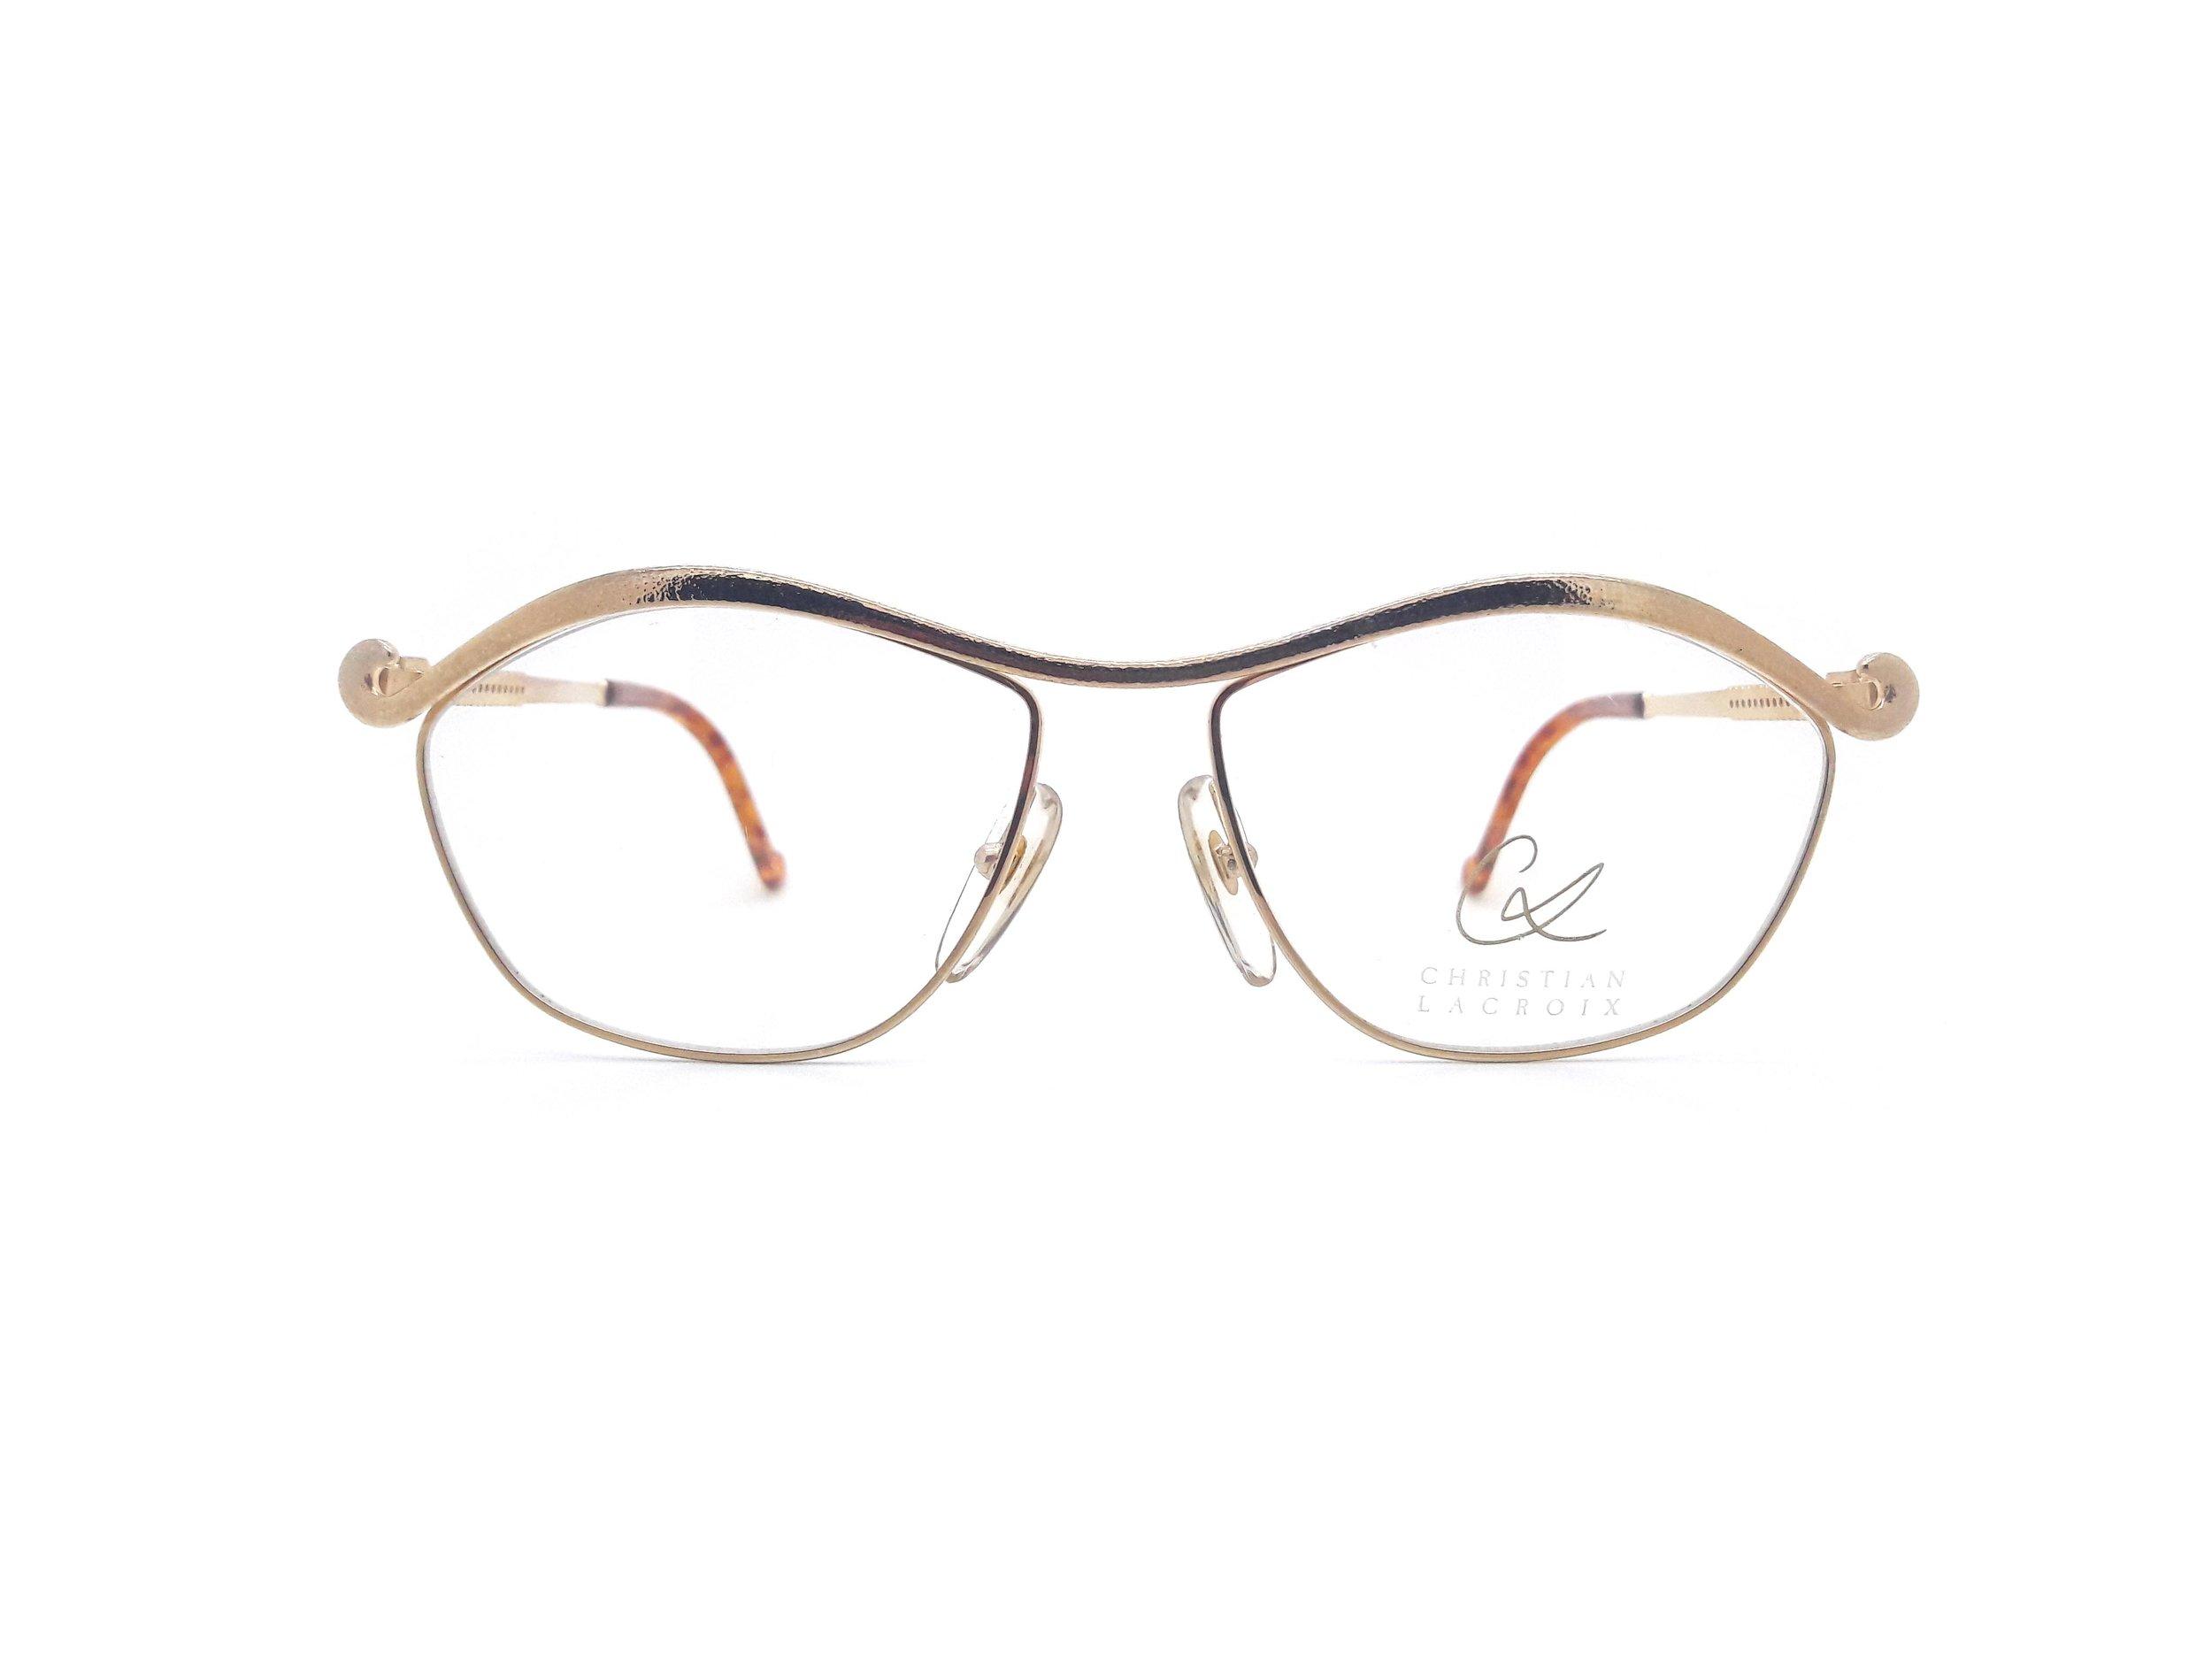 Christian Lacroix 7404 40 Vintage Glasses — Ed & Sarna Vintage Eyewear